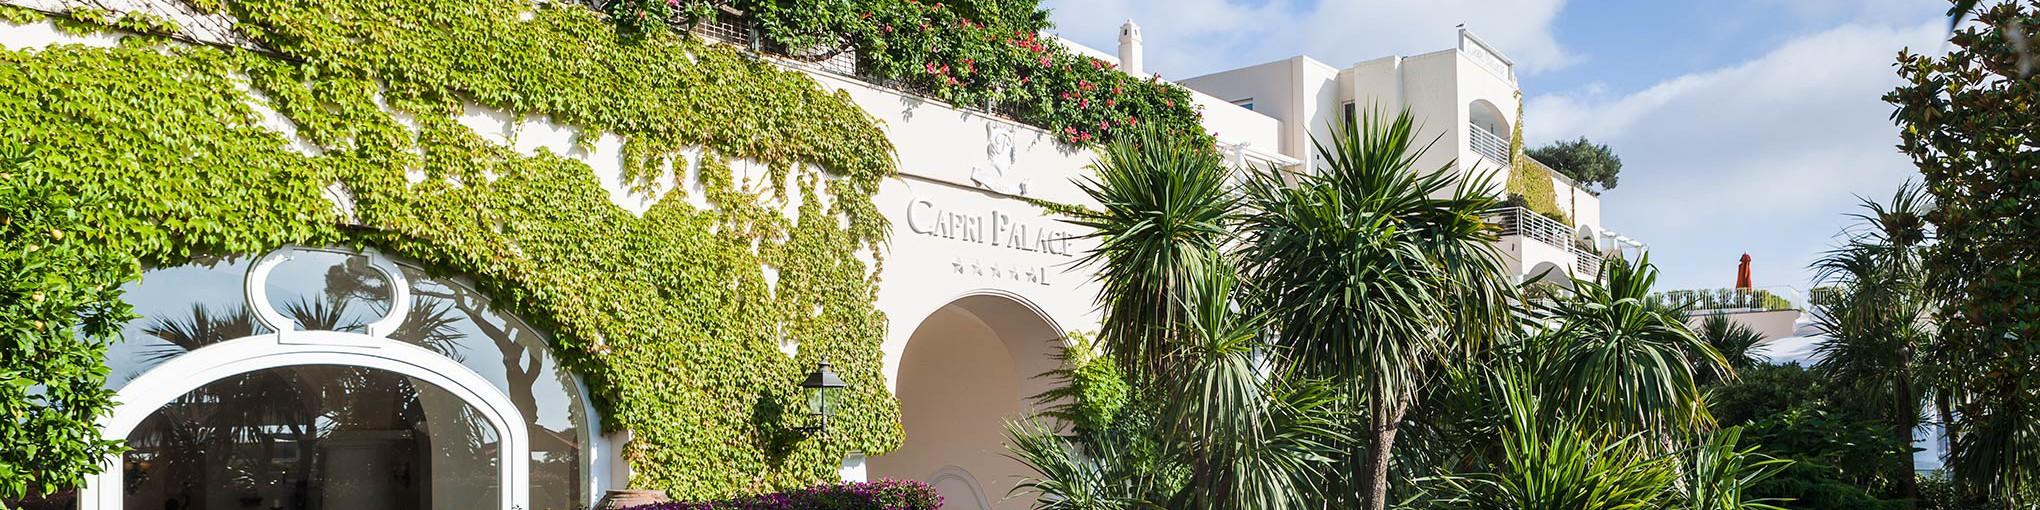 Capri Palace Anacapri Italy capri palace | linkedin